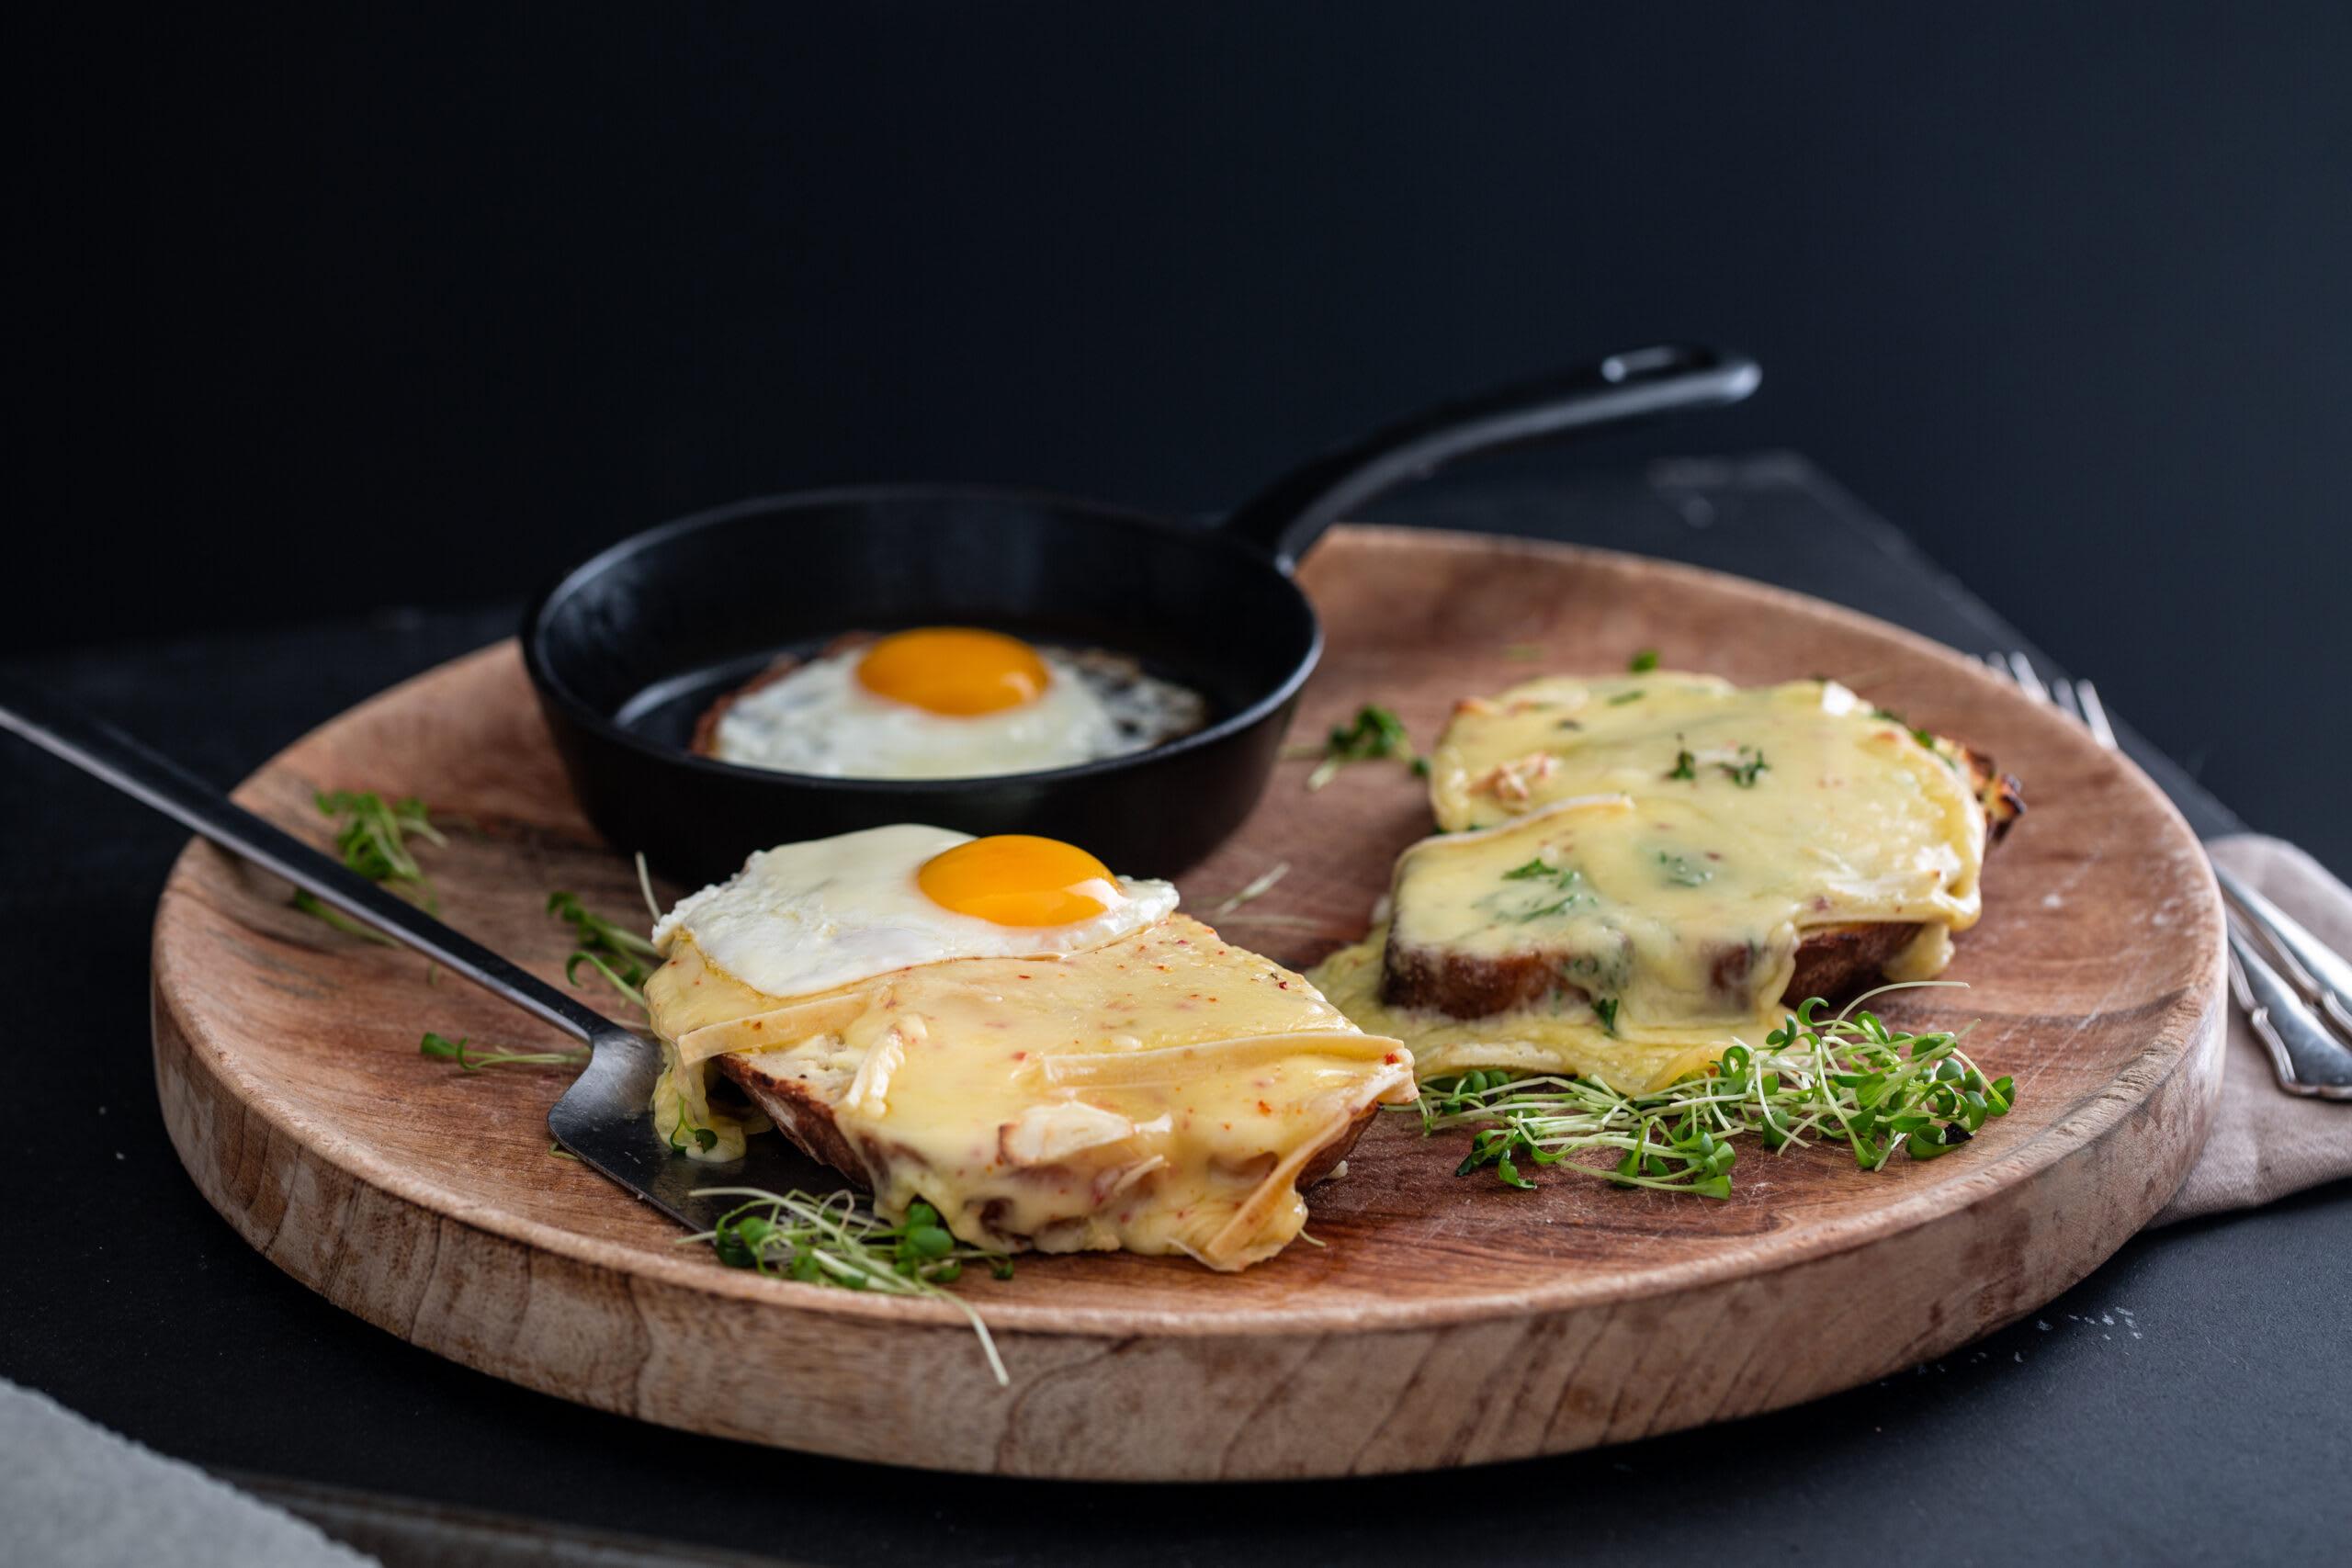 Croûte au fromage et oeuf au plat